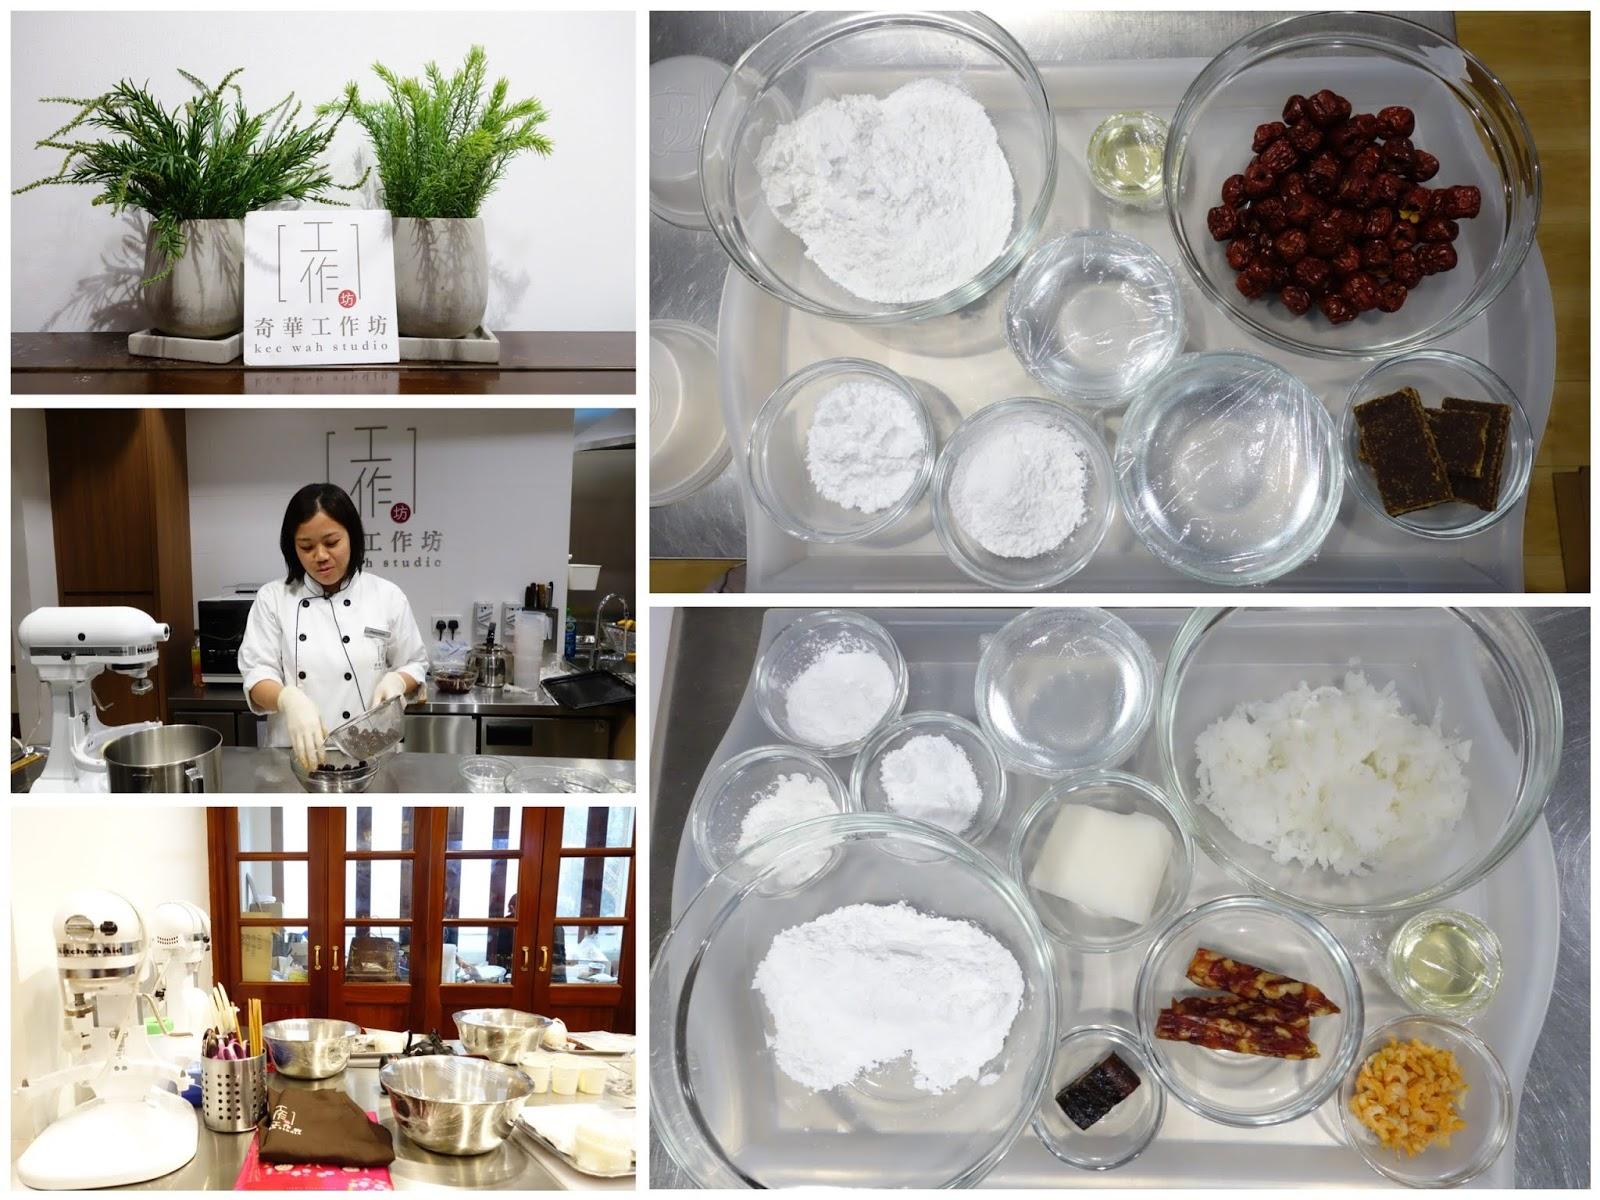 奇華工作坊 Kee Wah Studio歡樂體驗|櫻桃小丸子臘味蘿蔔糕及紅棗糖年糕班 | 安娜愛閒遊